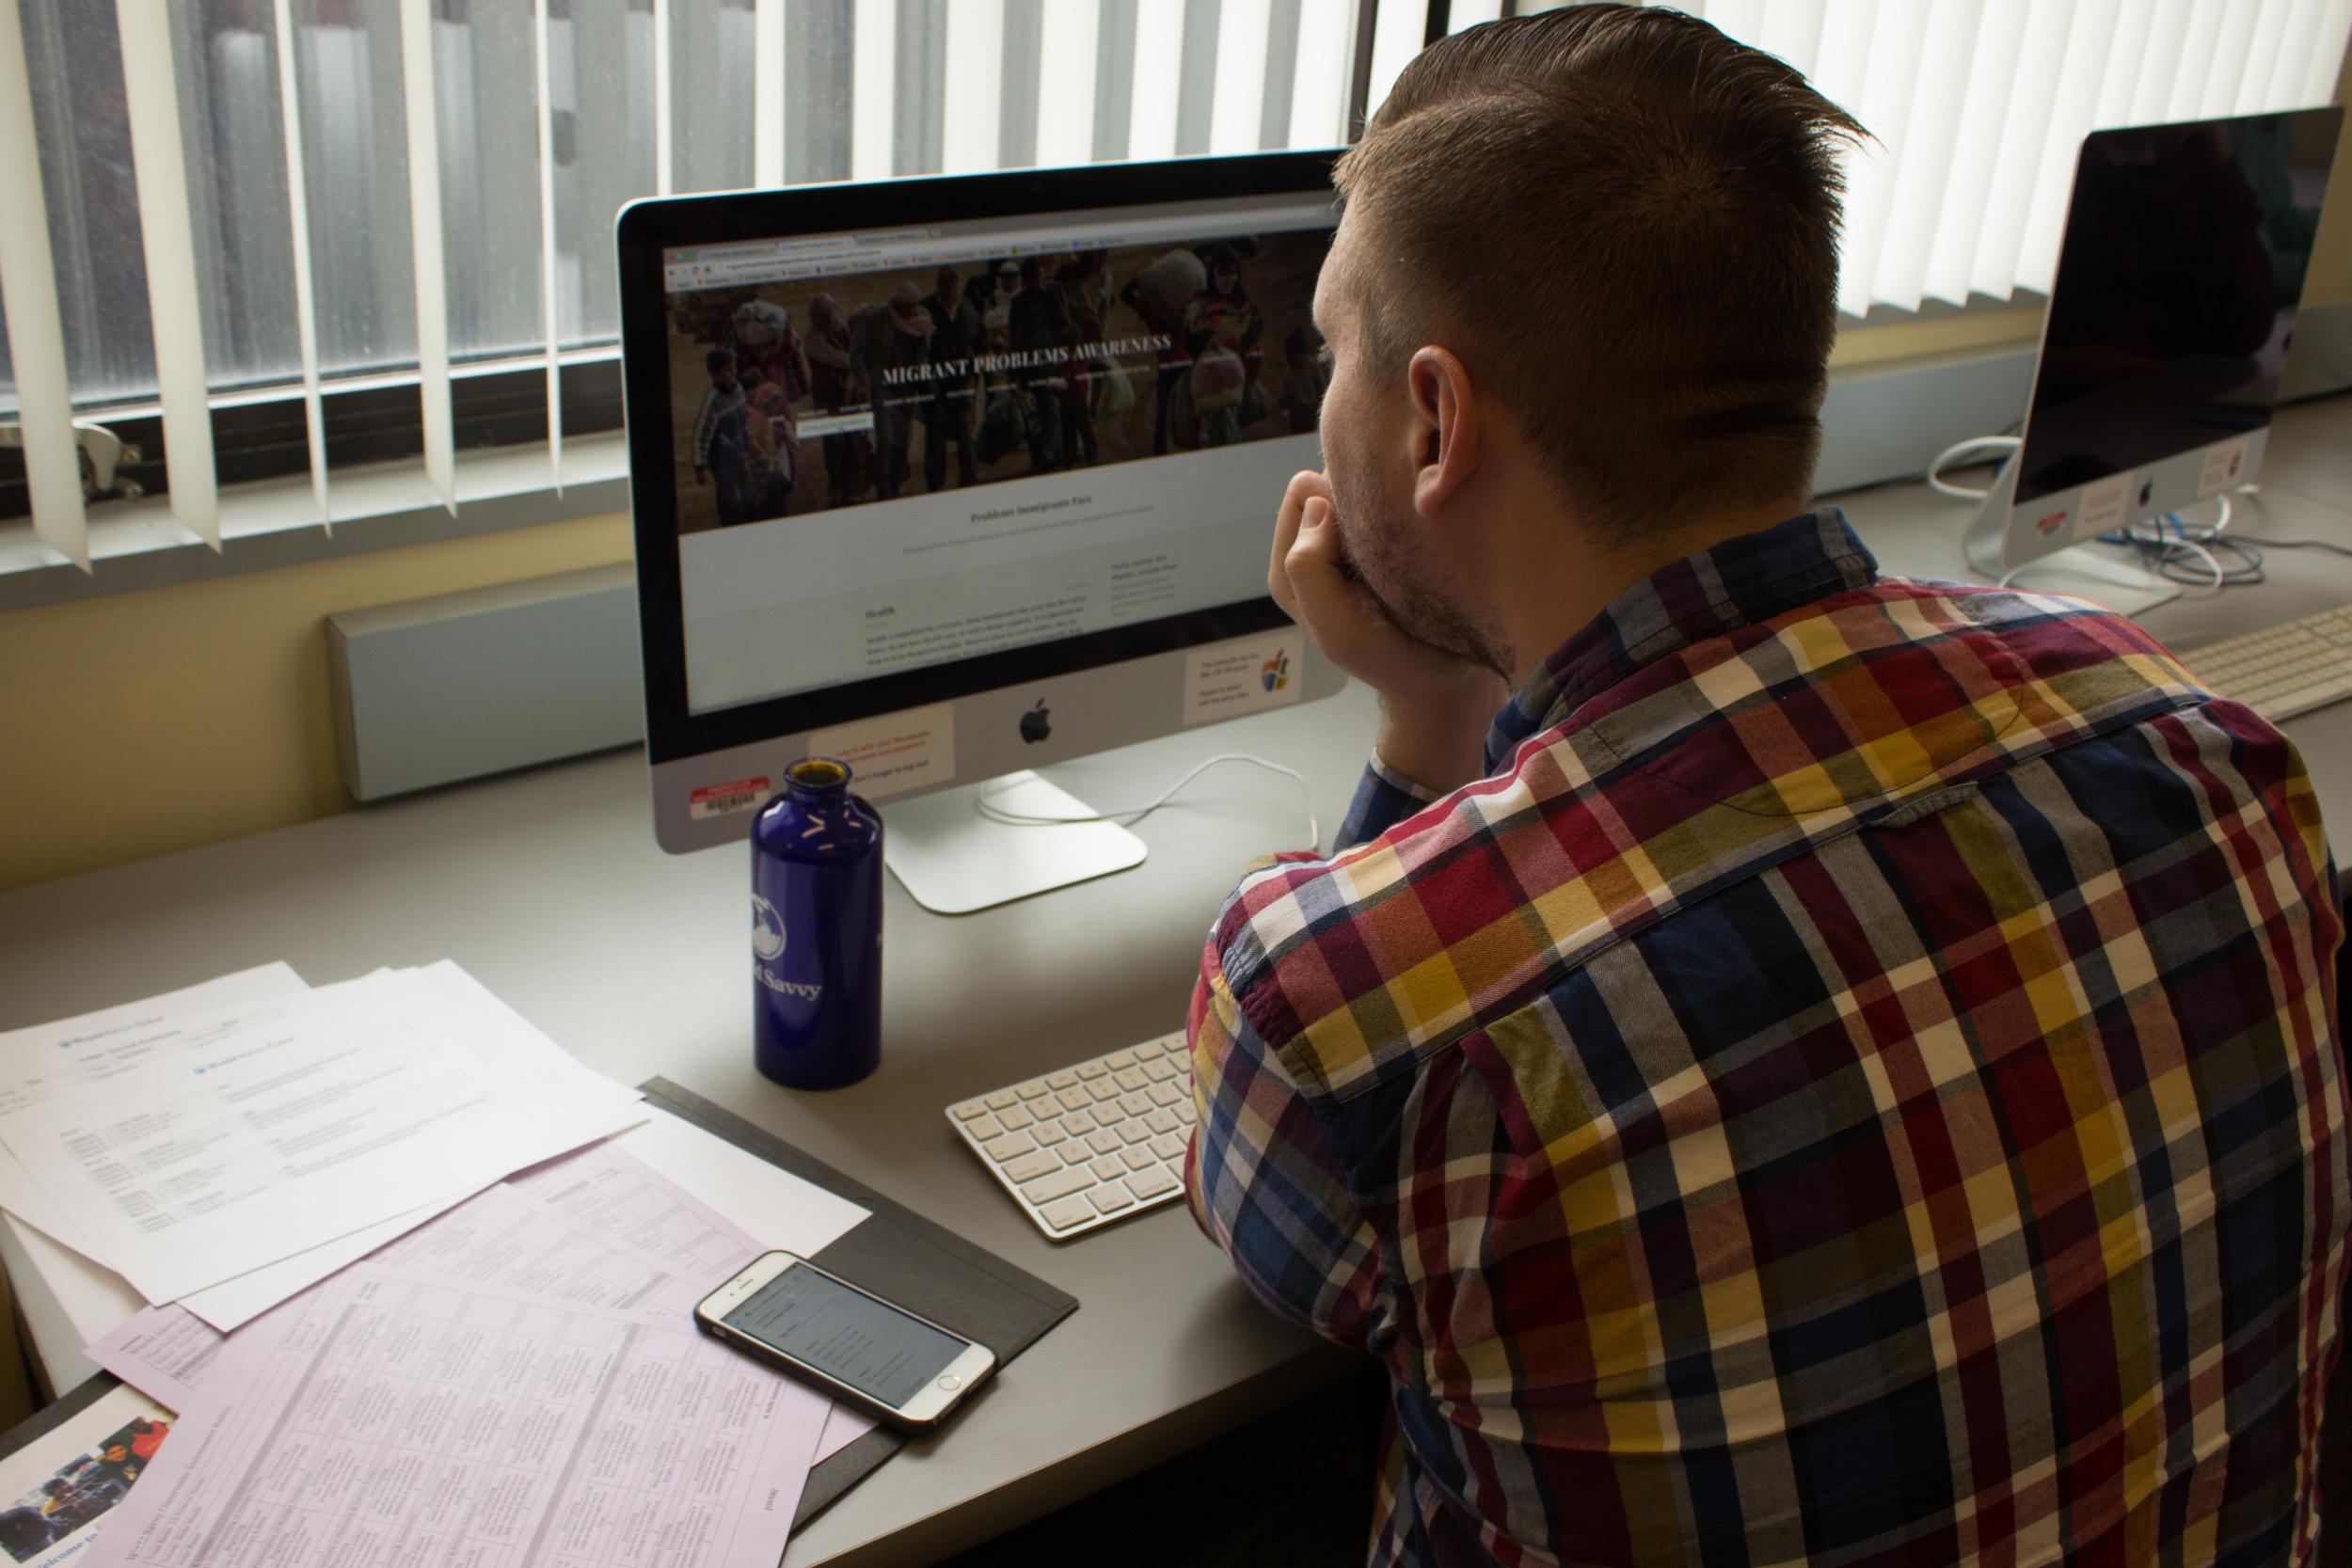 man judging website.jpg